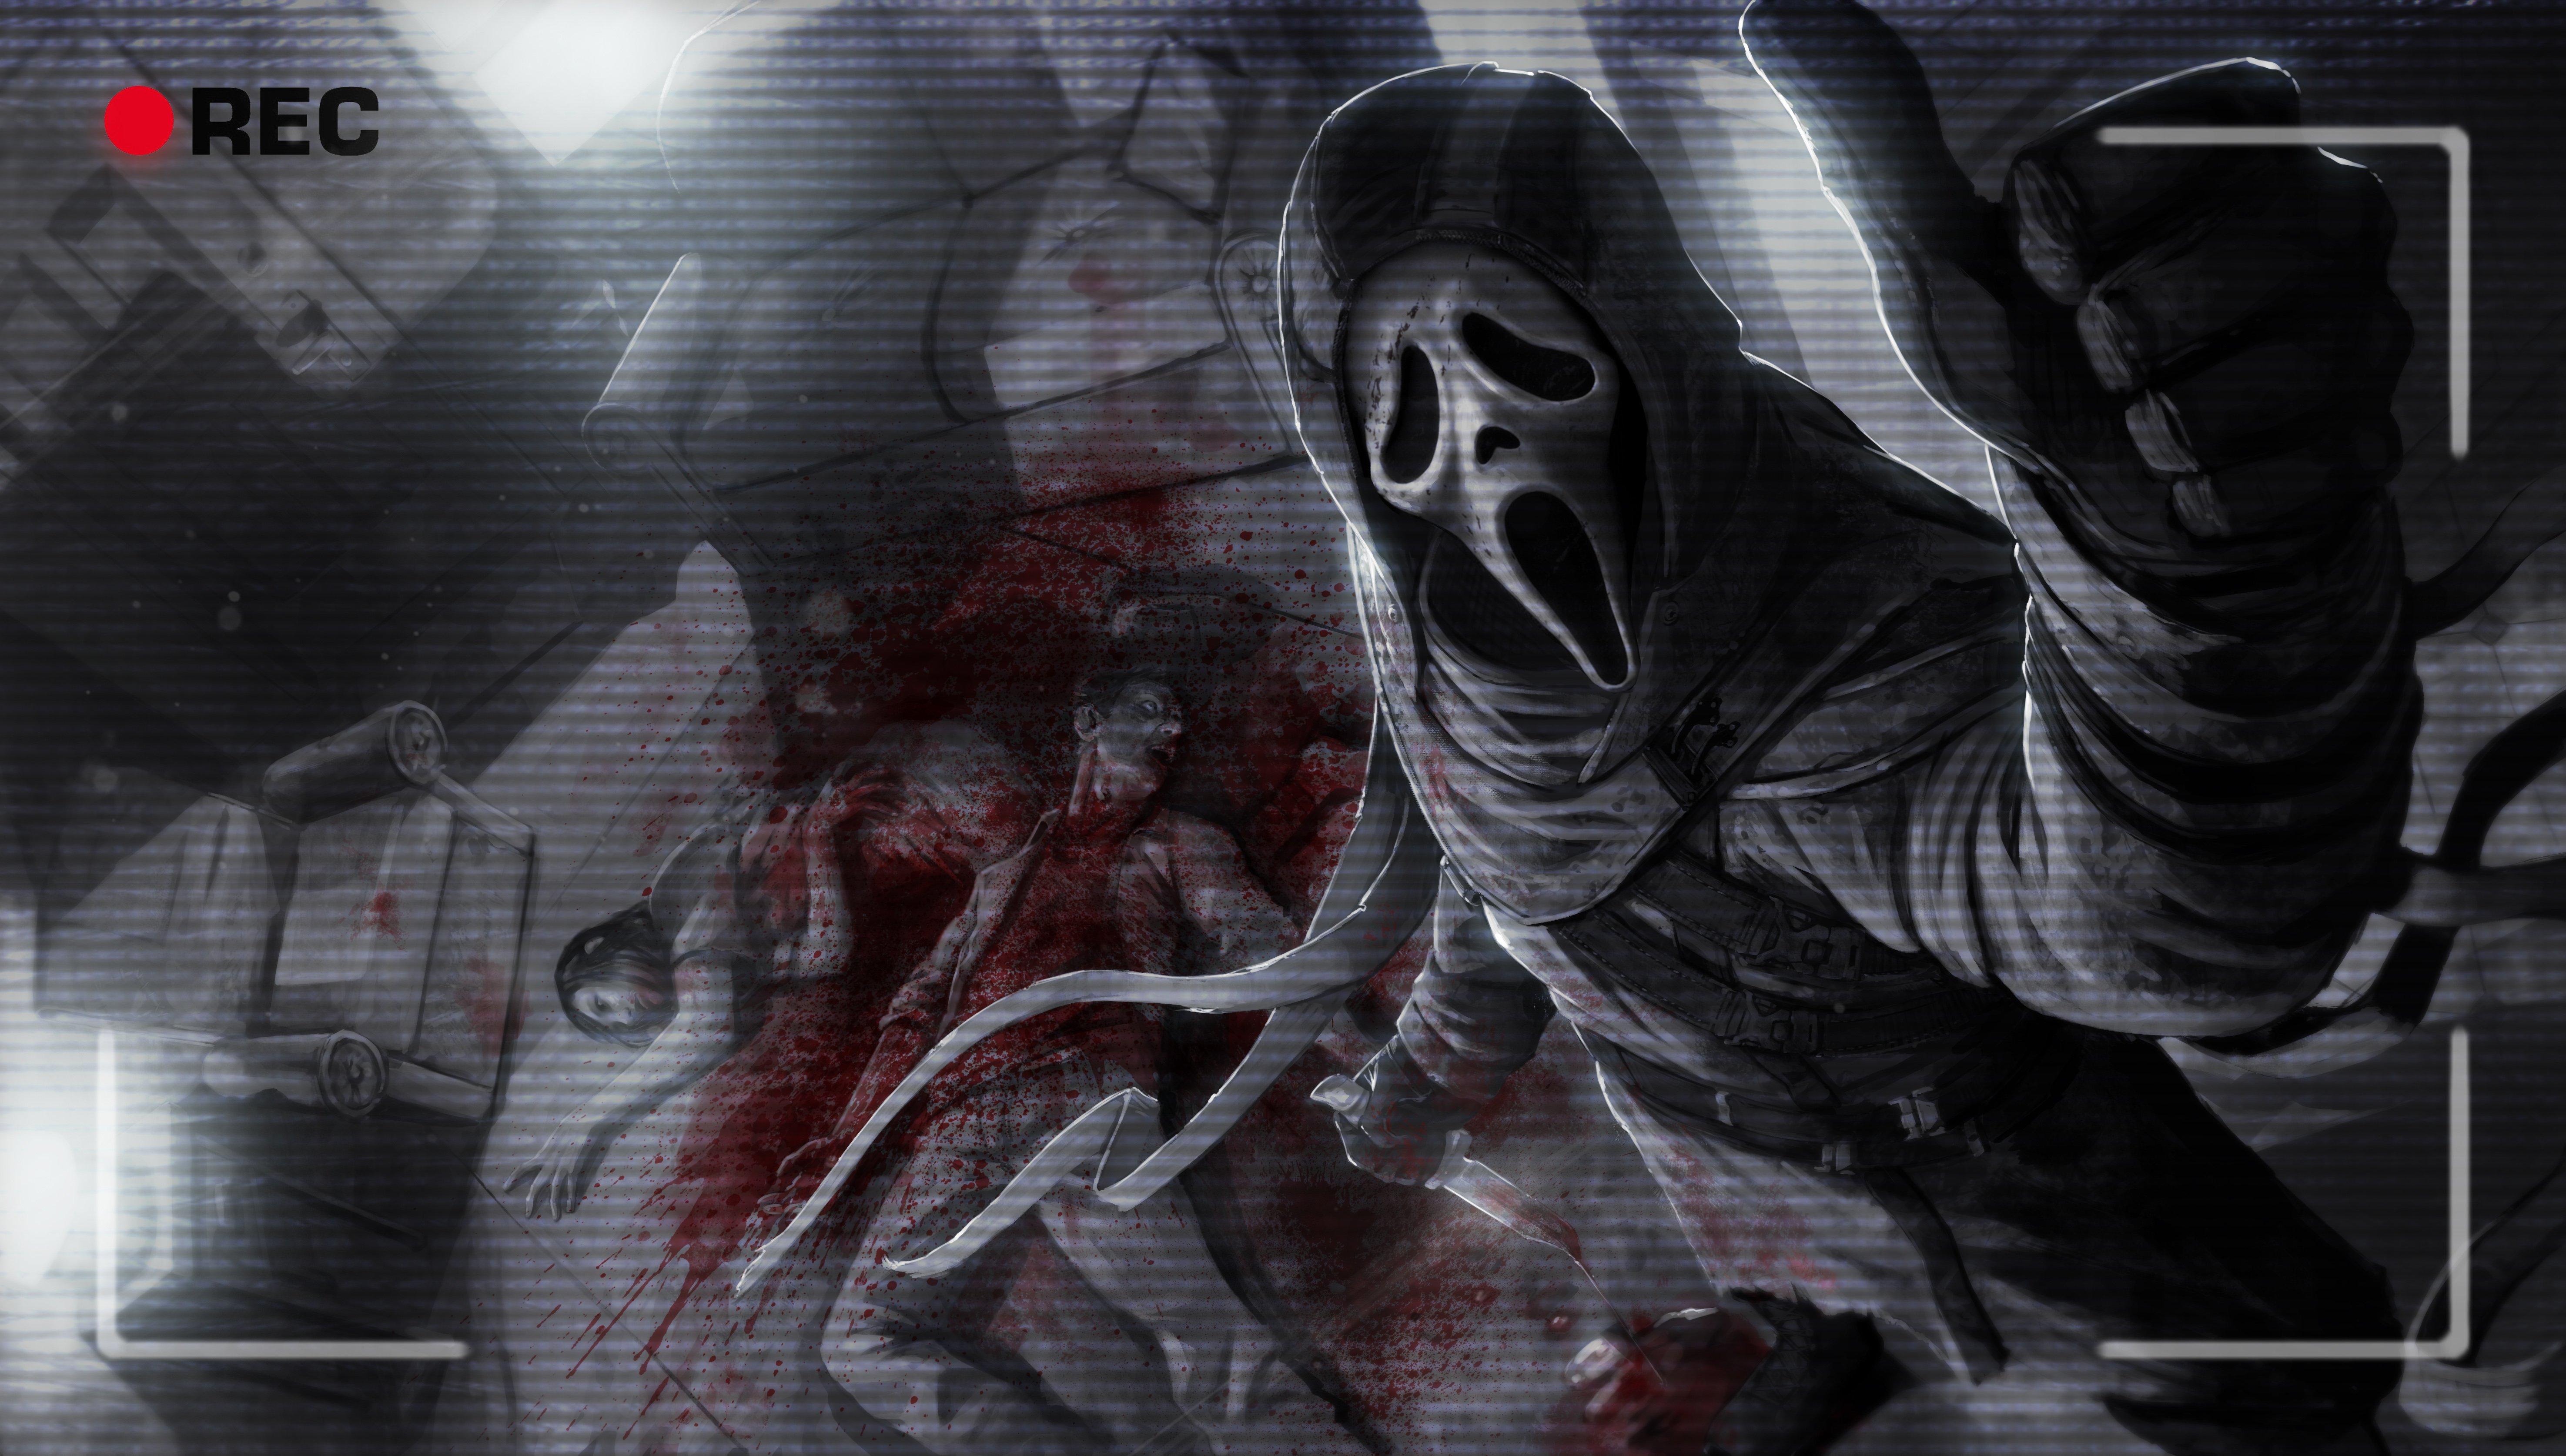 Ghostface_lore_01 render03.jpg